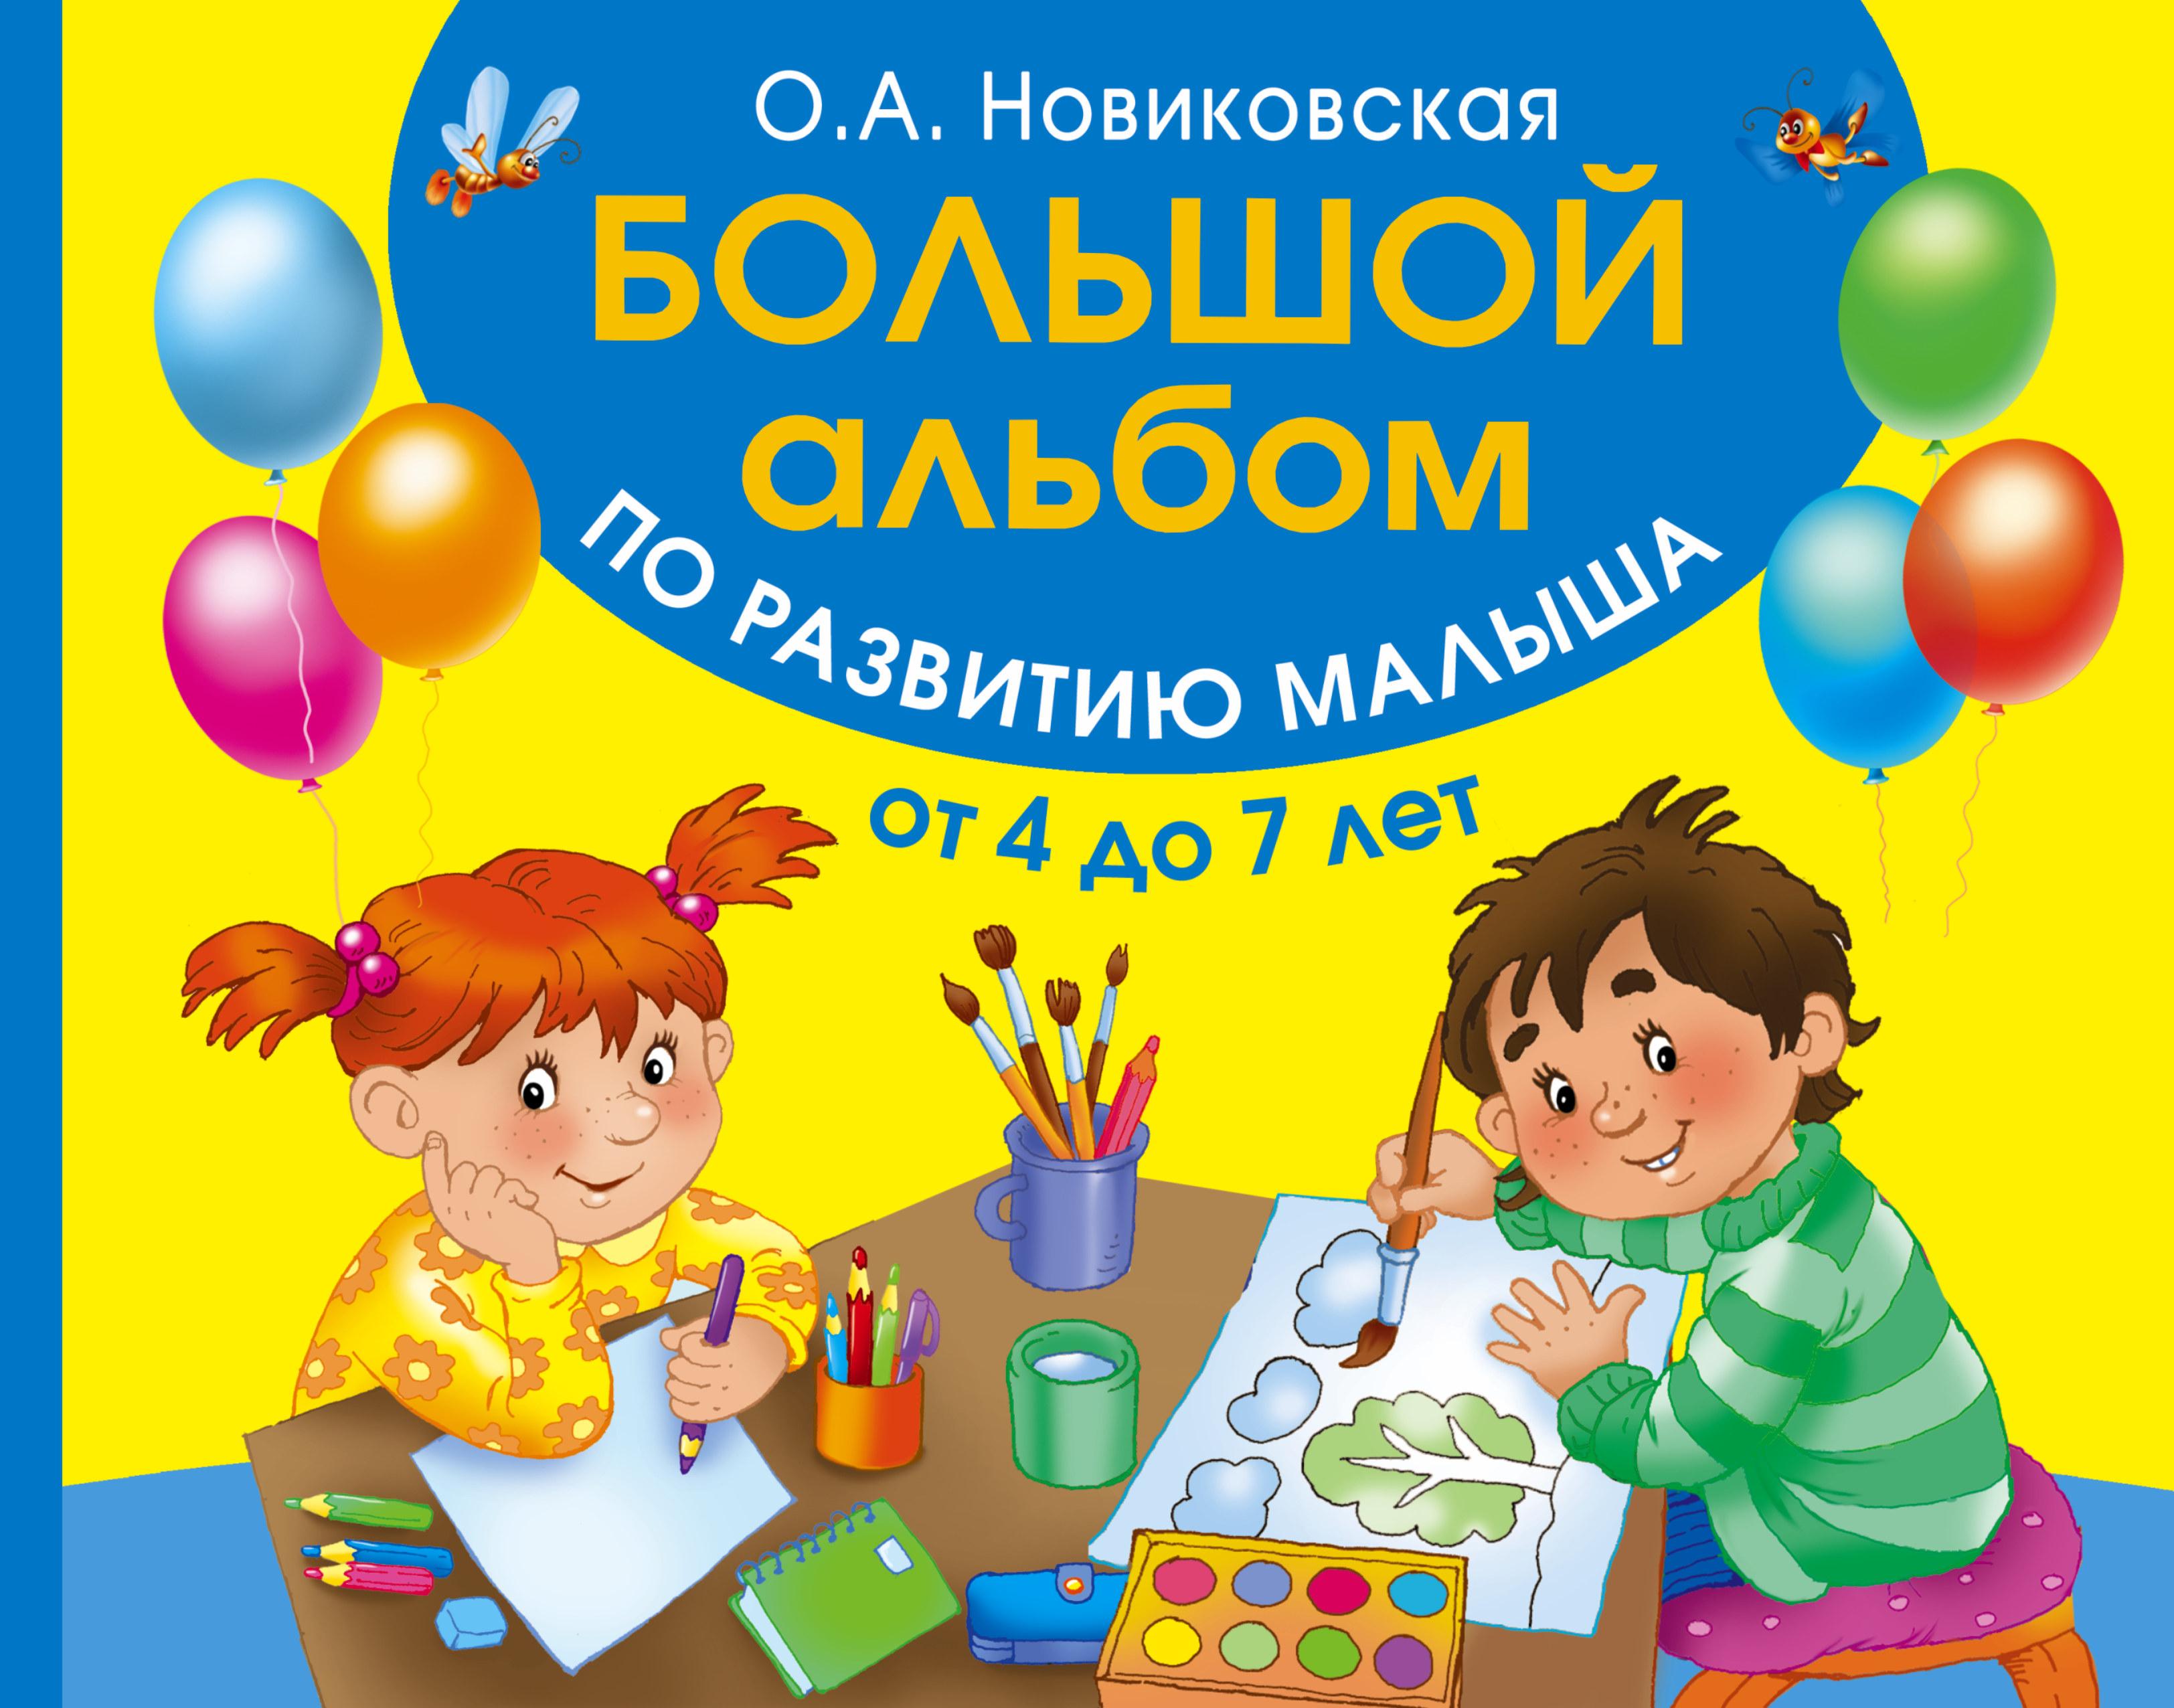 Новиковская О.А. Большой альбом по развитию малыша от 4 до 7 лет анна матвеева большой альбом по развитию малыша от 2 до 4 лет